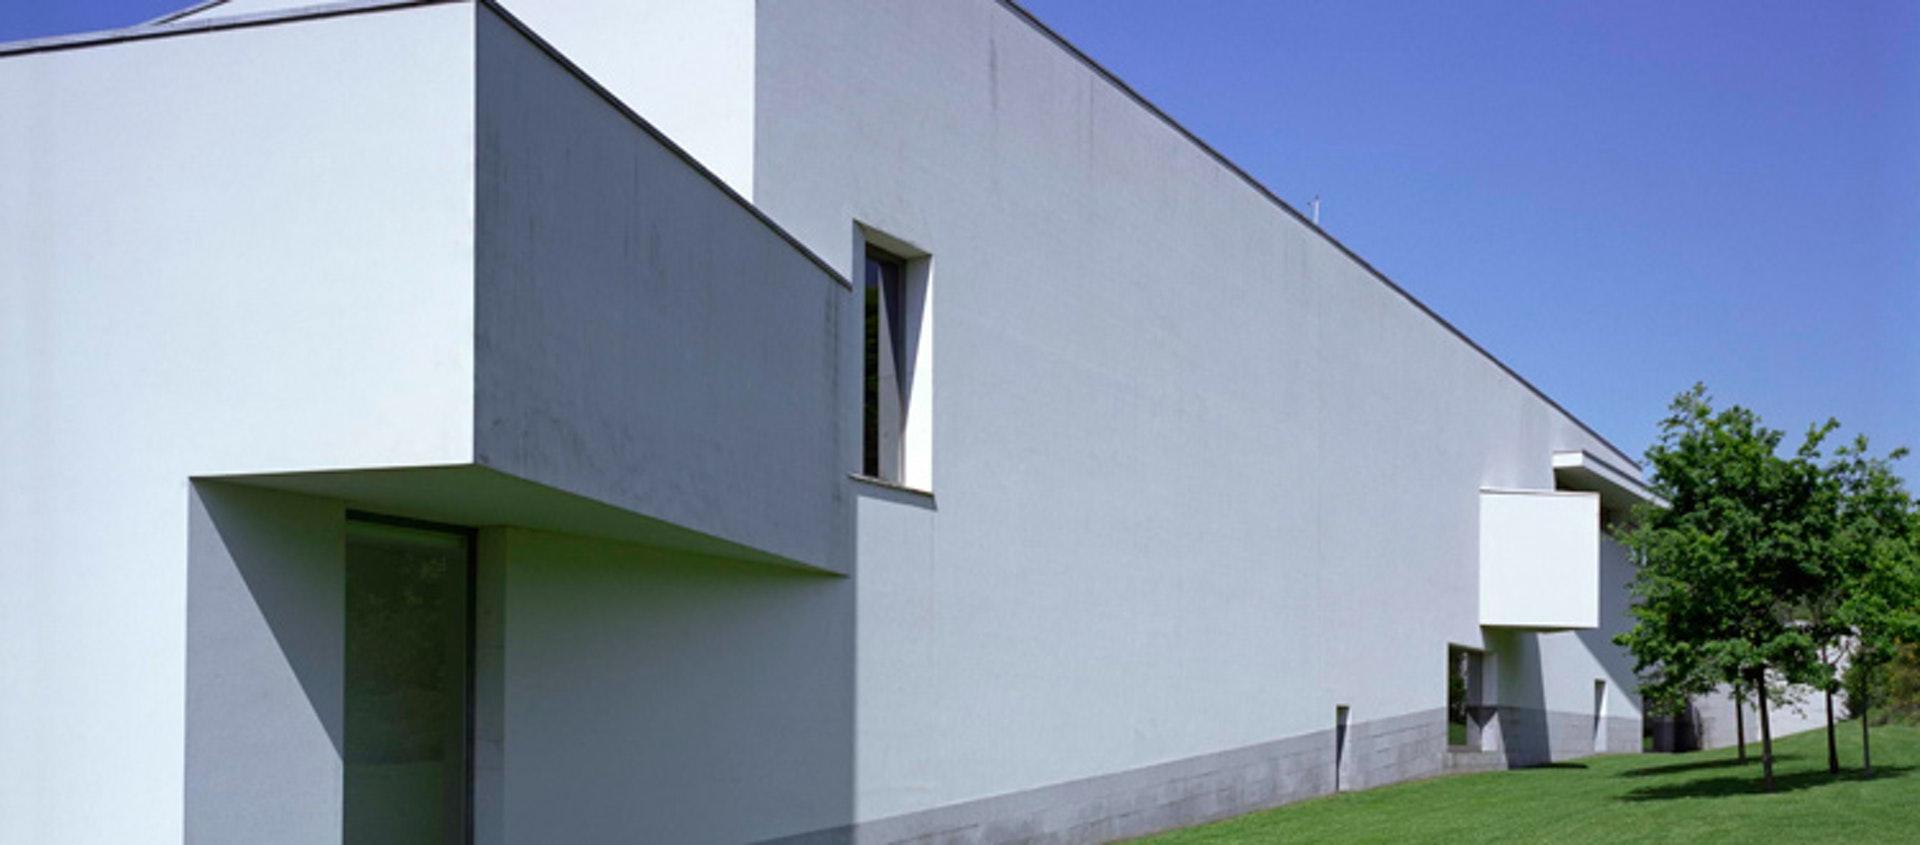 Museu de Serralves será ampliado com um edifício com três pisos assinado por Siza Vieira